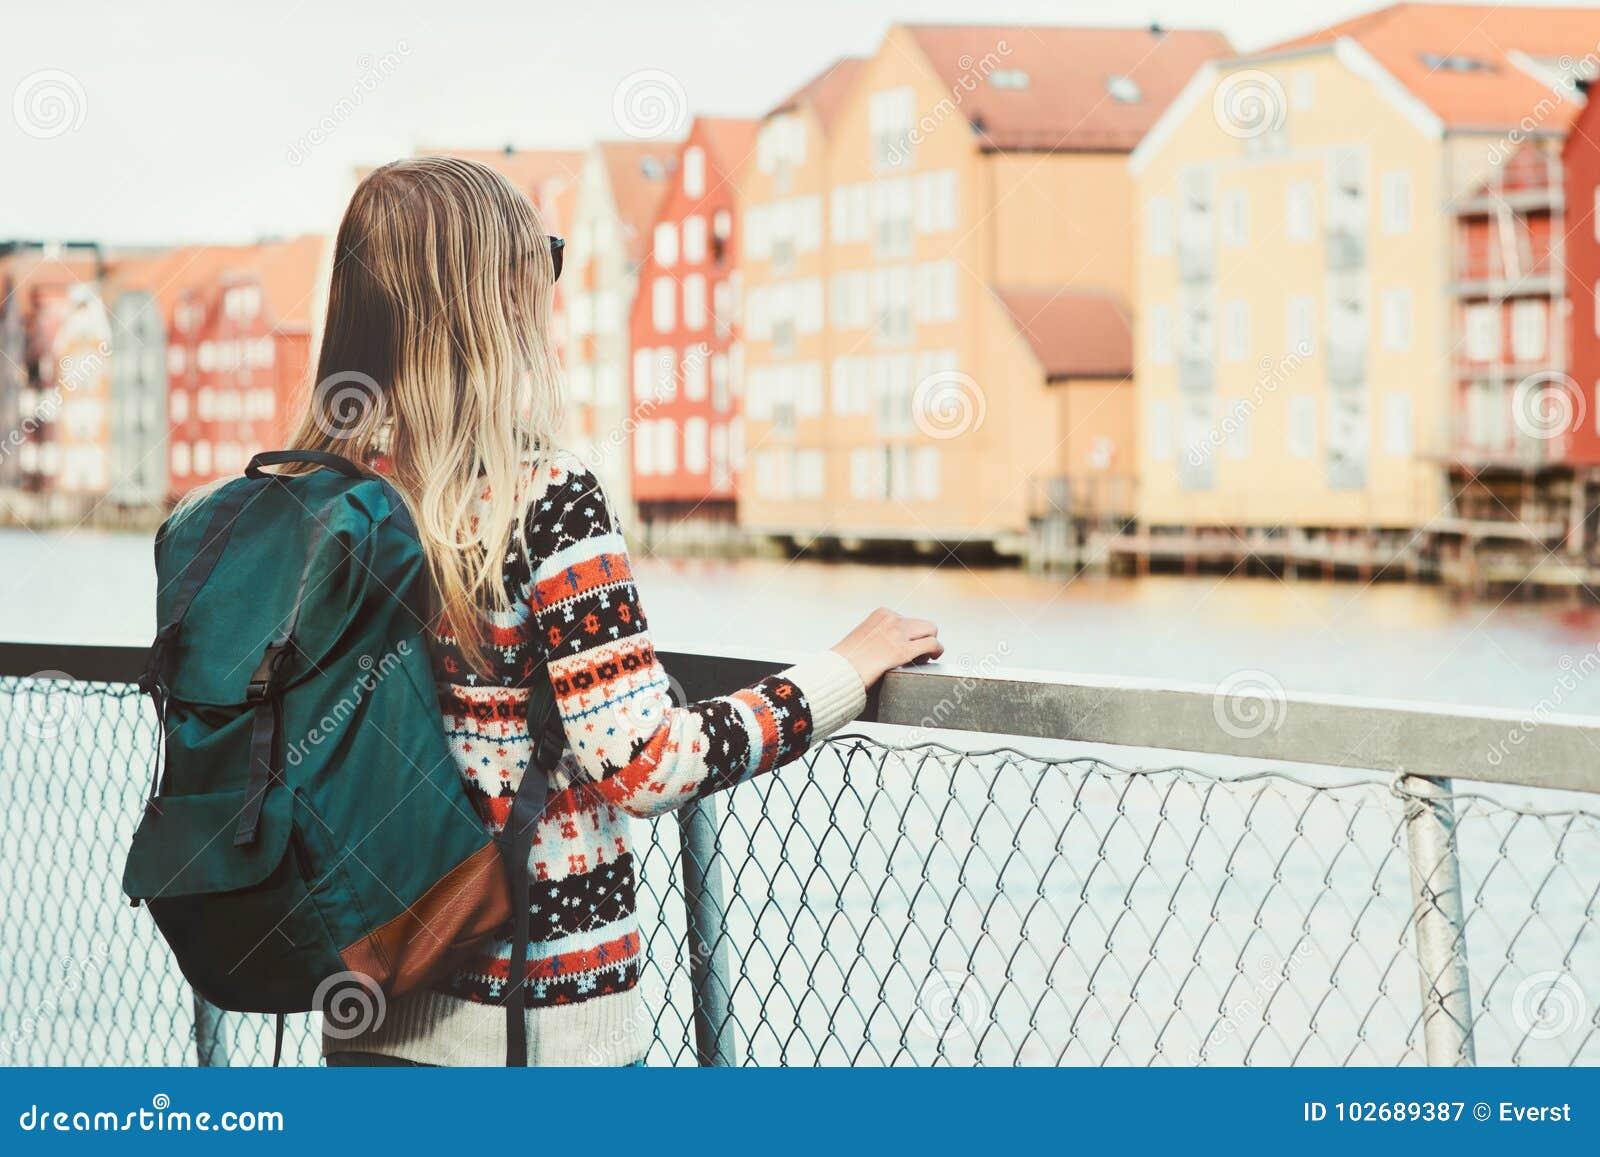 有绿色背包观光的特隆赫姆市的妇女游人在挪威假期过周末旅行生活方式时尚室外scandina